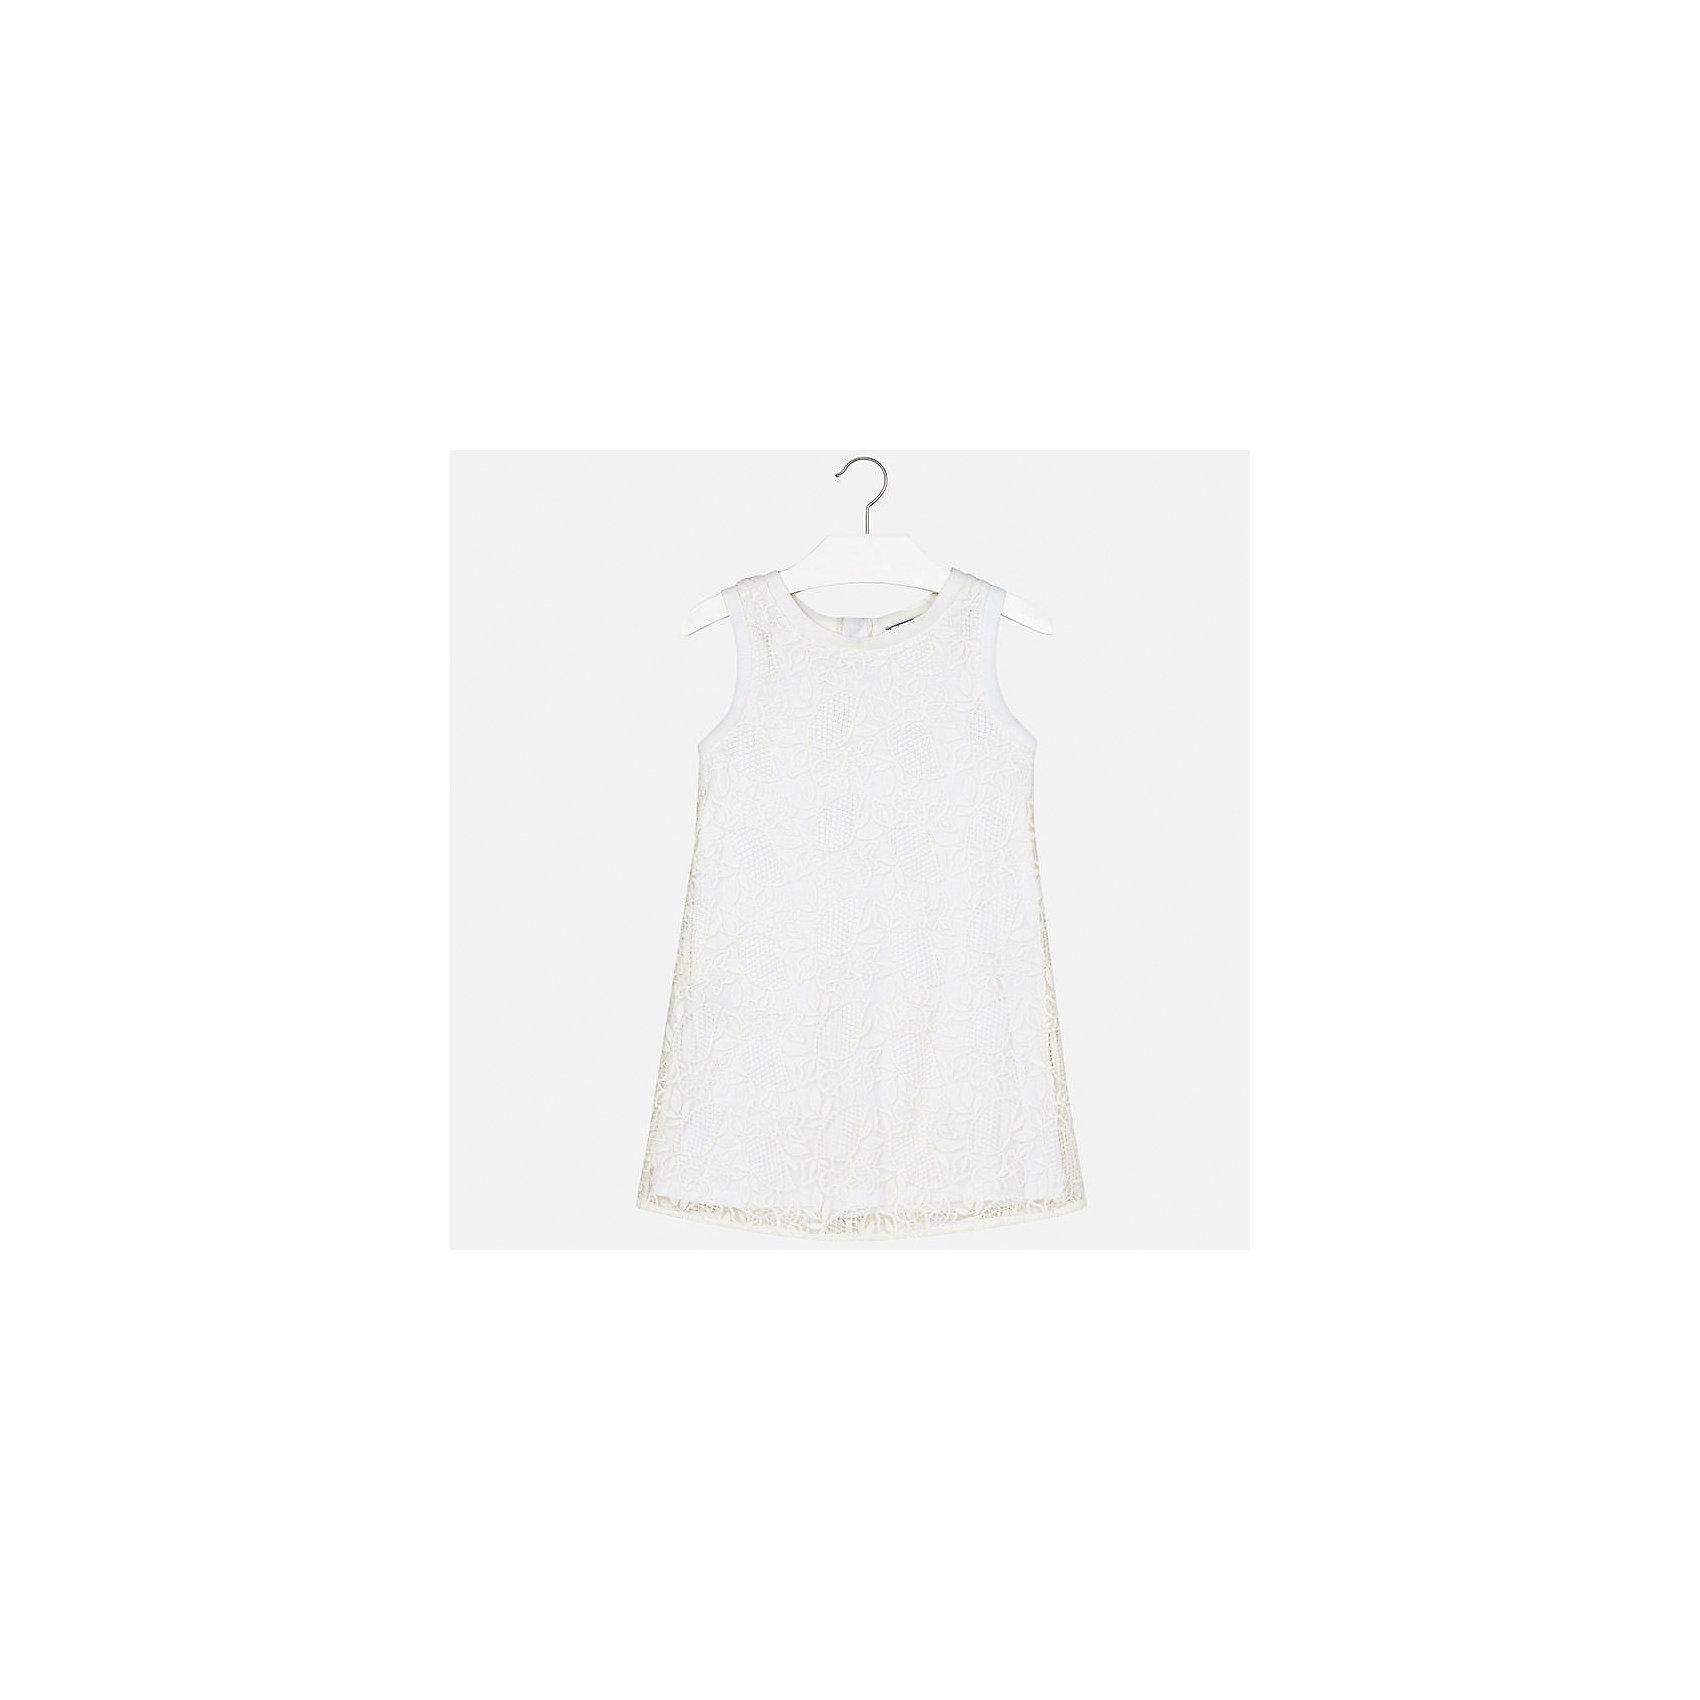 Платье для девочки MayoralОдежда<br>Характеристики товара:<br><br>• цвет: белый<br>• состав: 100% полиэстер, подкладка - 40% полиэстер, 60% хлопок<br>• застежка: молния<br>• прямой силуэт<br>• без рукавов<br>• с подкладкой<br>• страна бренда: Испания<br><br>Нарядное платье для девочки поможет разнообразить гардероб ребенка и создать эффектный наряд. Оно подойдет для различных случаев. Красивый оттенок позволяет подобрать к вещи обувь разных расцветок. Платье хорошо сидит по фигуре.<br><br>Одежда, обувь и аксессуары от испанского бренда Mayoral полюбились детям и взрослым по всему миру. Модели этой марки - стильные и удобные. Для их производства используются только безопасные, качественные материалы и фурнитура. Порадуйте ребенка модными и красивыми вещами от Mayoral! <br><br>Платье для девочки от испанского бренда Mayoral (Майорал) можно купить в нашем интернет-магазине.<br><br>Ширина мм: 236<br>Глубина мм: 16<br>Высота мм: 184<br>Вес г: 177<br>Цвет: белый<br>Возраст от месяцев: 156<br>Возраст до месяцев: 168<br>Пол: Женский<br>Возраст: Детский<br>Размер: 128/134,164,140,152,158<br>SKU: 5293310